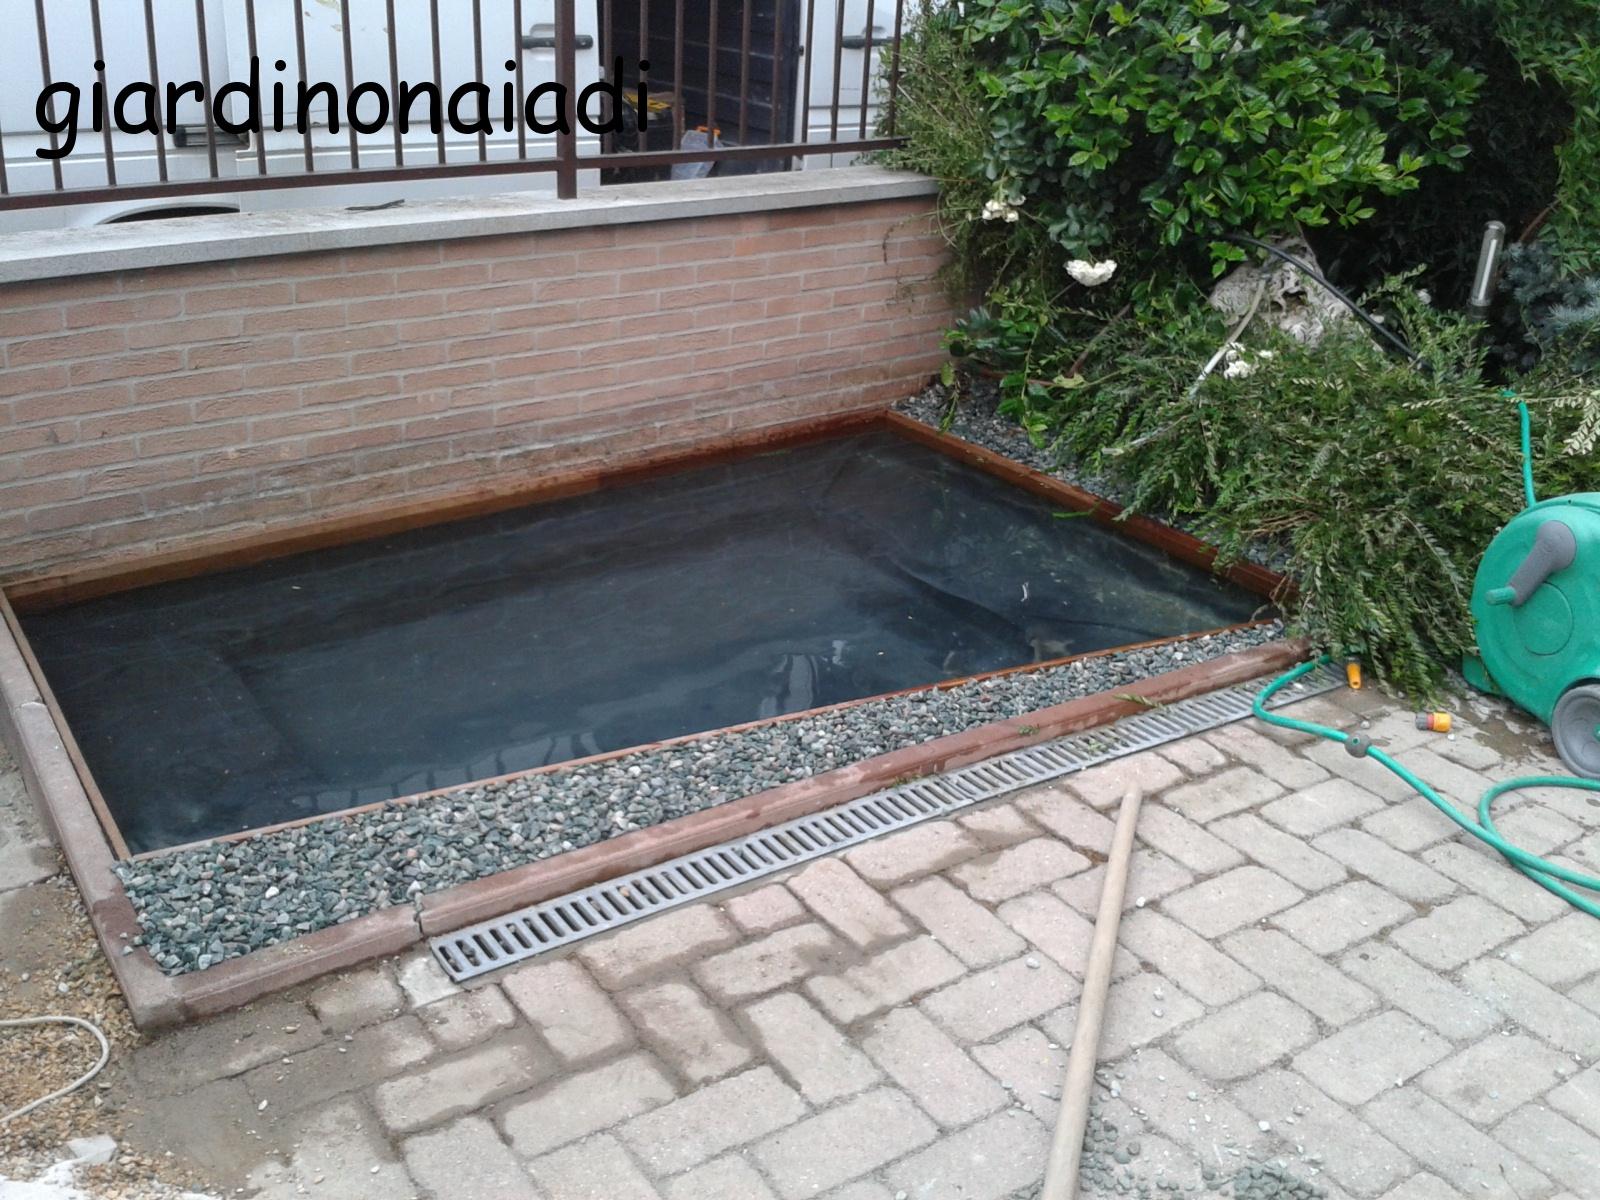 Il giardino delle naiadi un laghetto per morgana - Laghetti da giardino in cemento ...